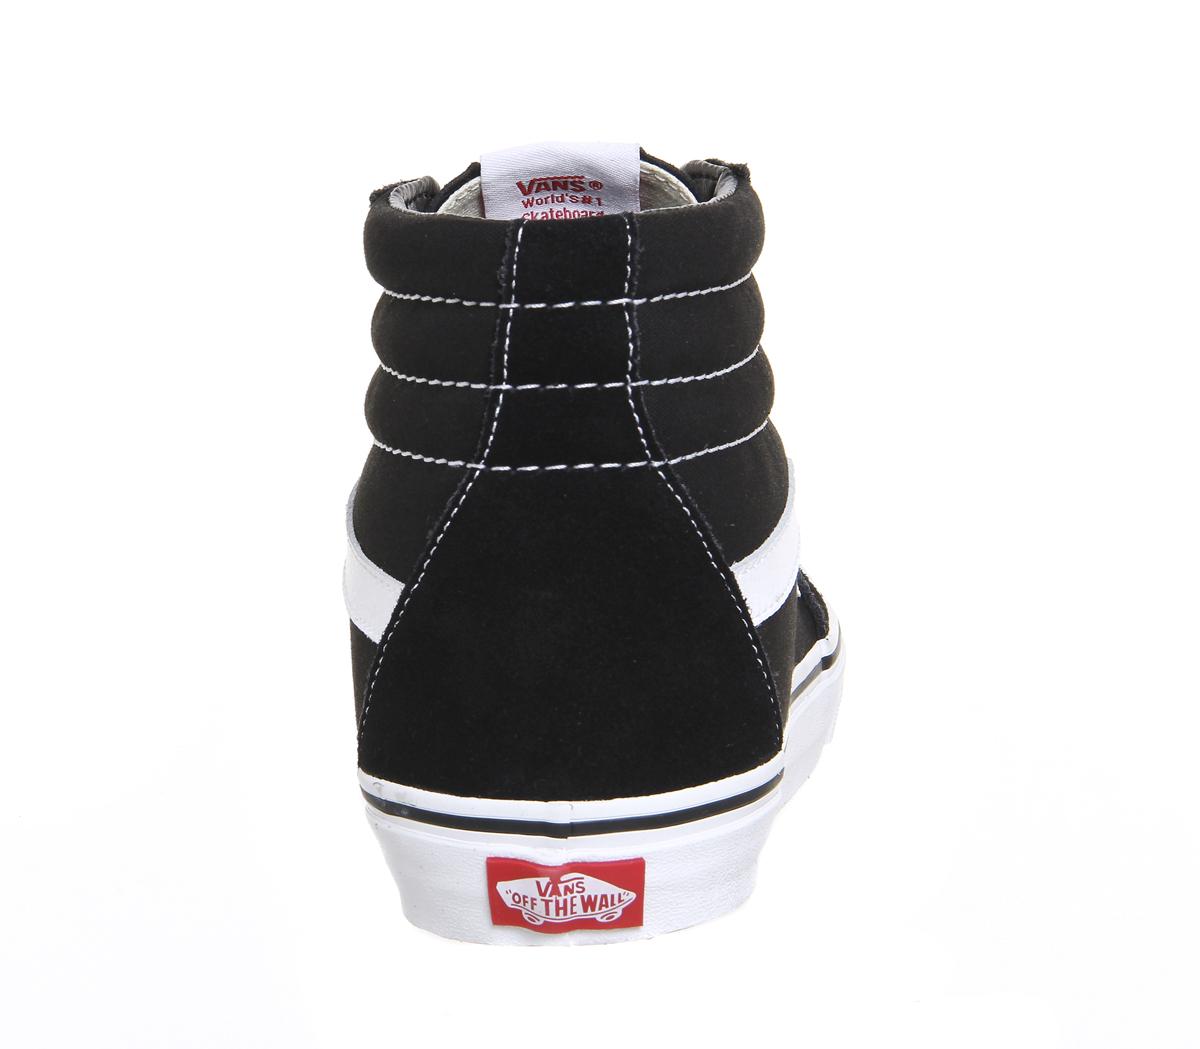 c1714f8772d Chaussures Femme Vans Sk8 Hi Noir Blanc Toile Baskets Chaussures